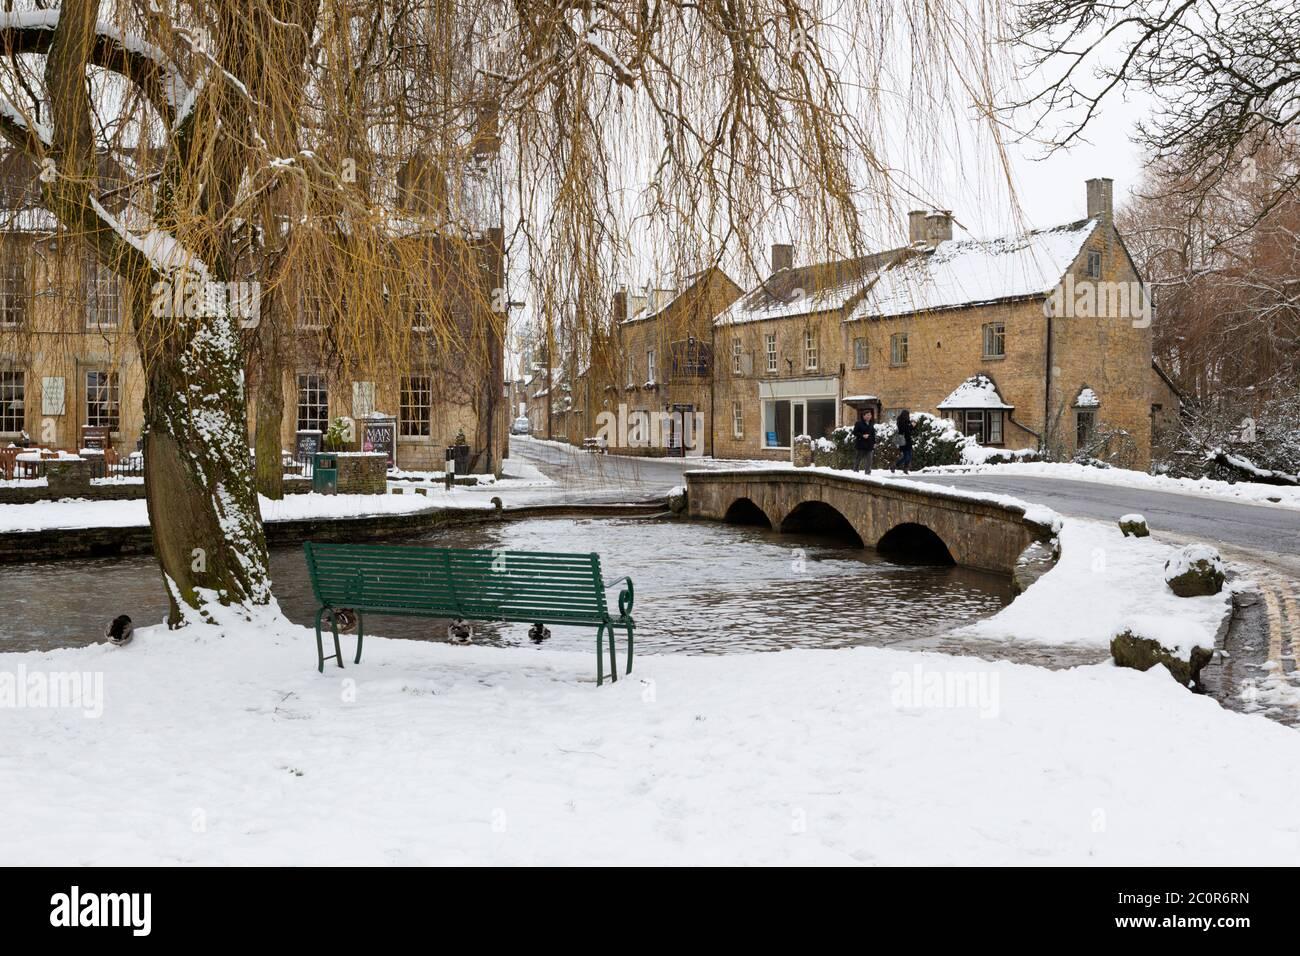 Cotswold Village en el río Windrush en la nieve, Bourton-on-the-Water, Cotswolds, Gloucestershire, Inglaterra, Reino Unido Foto de stock